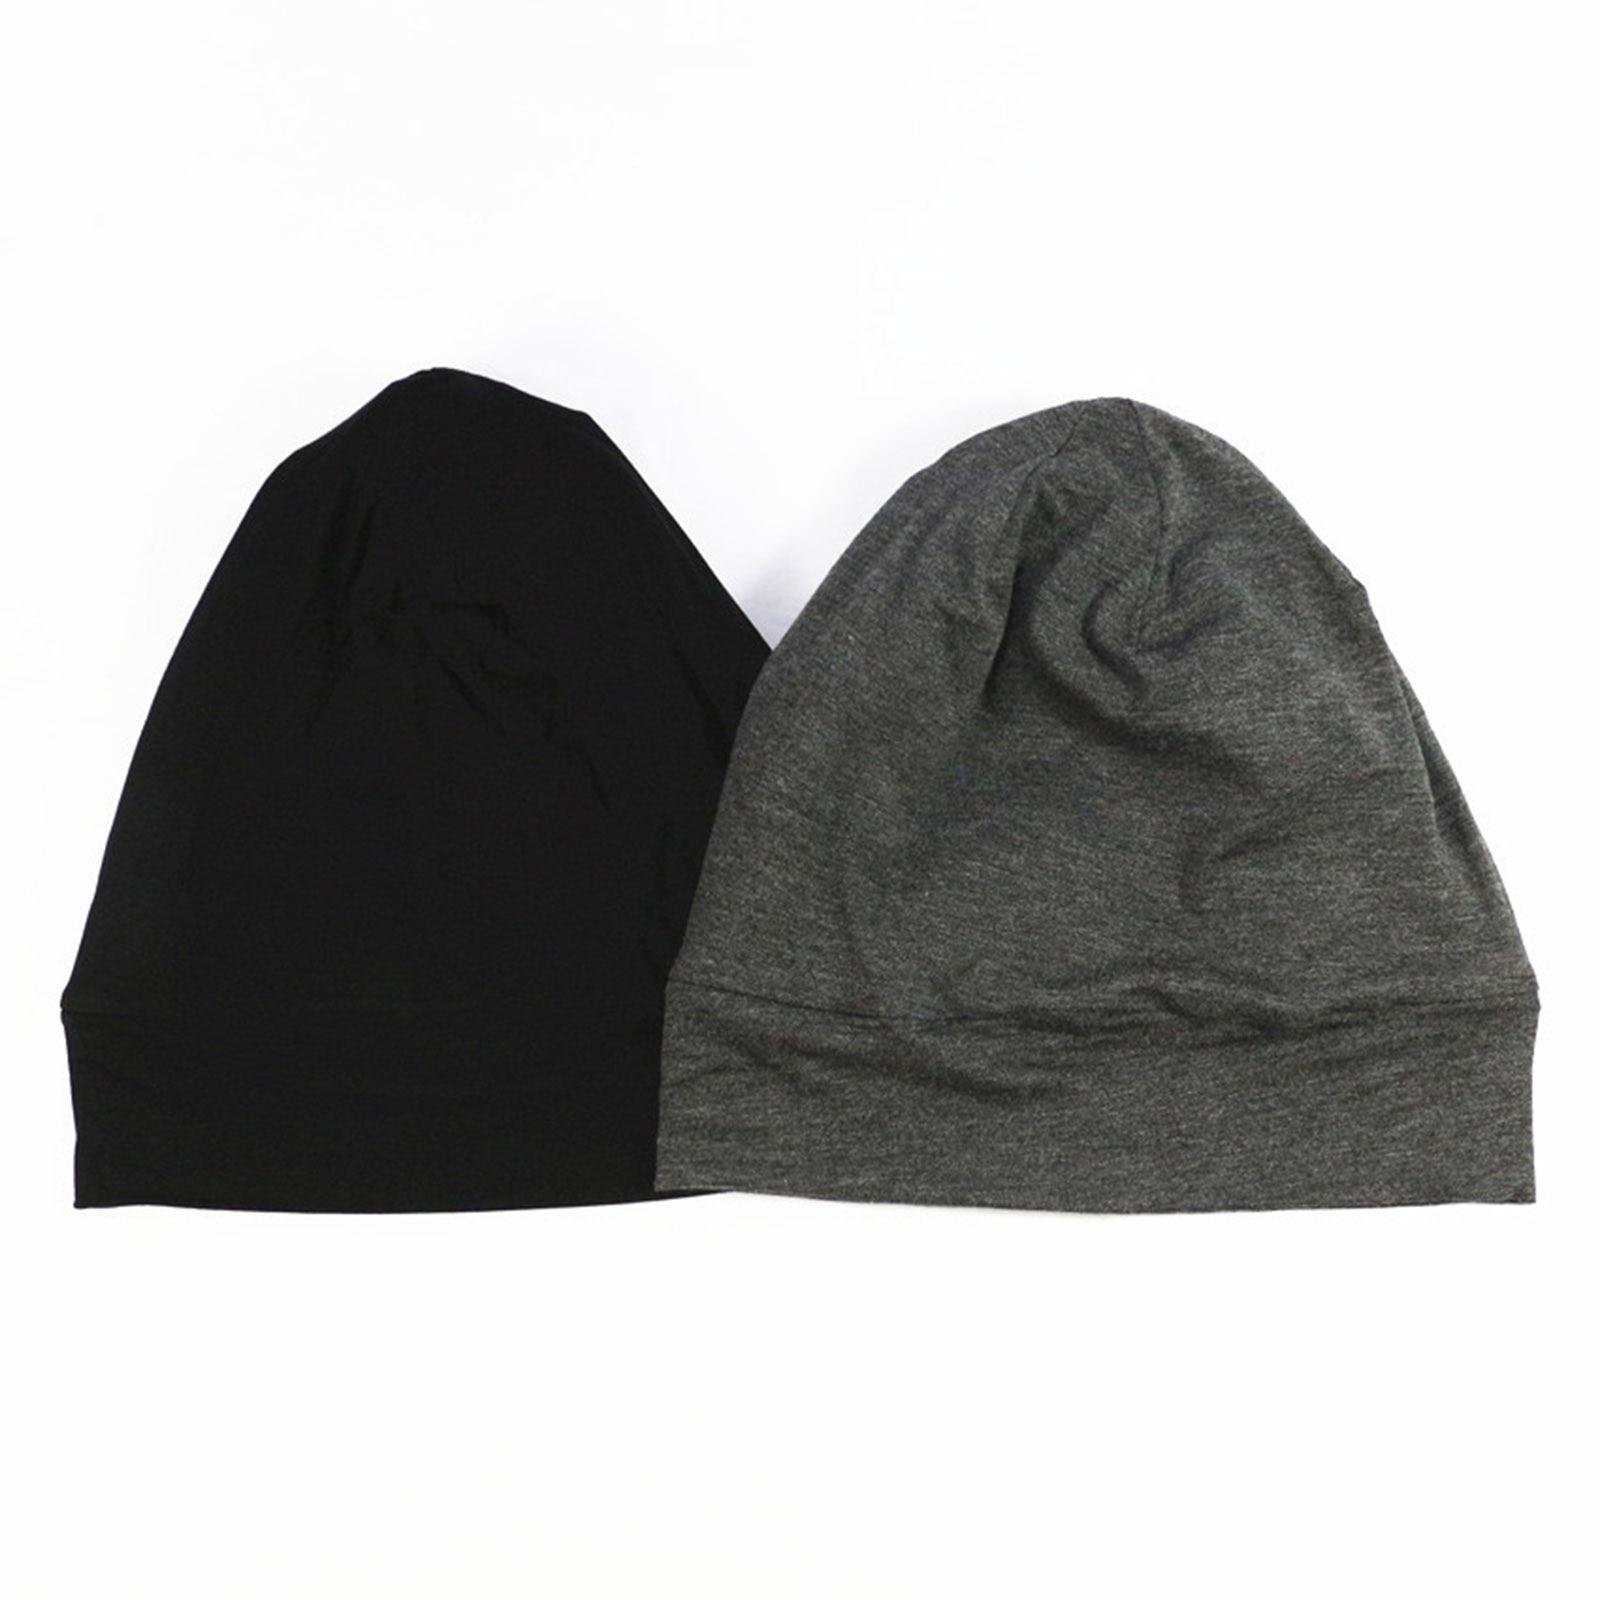 Modal algodão cabeça boné de sono respirável estiramento sono sedoso headcap dupla camada capa de cabelo para suprimentos femininos